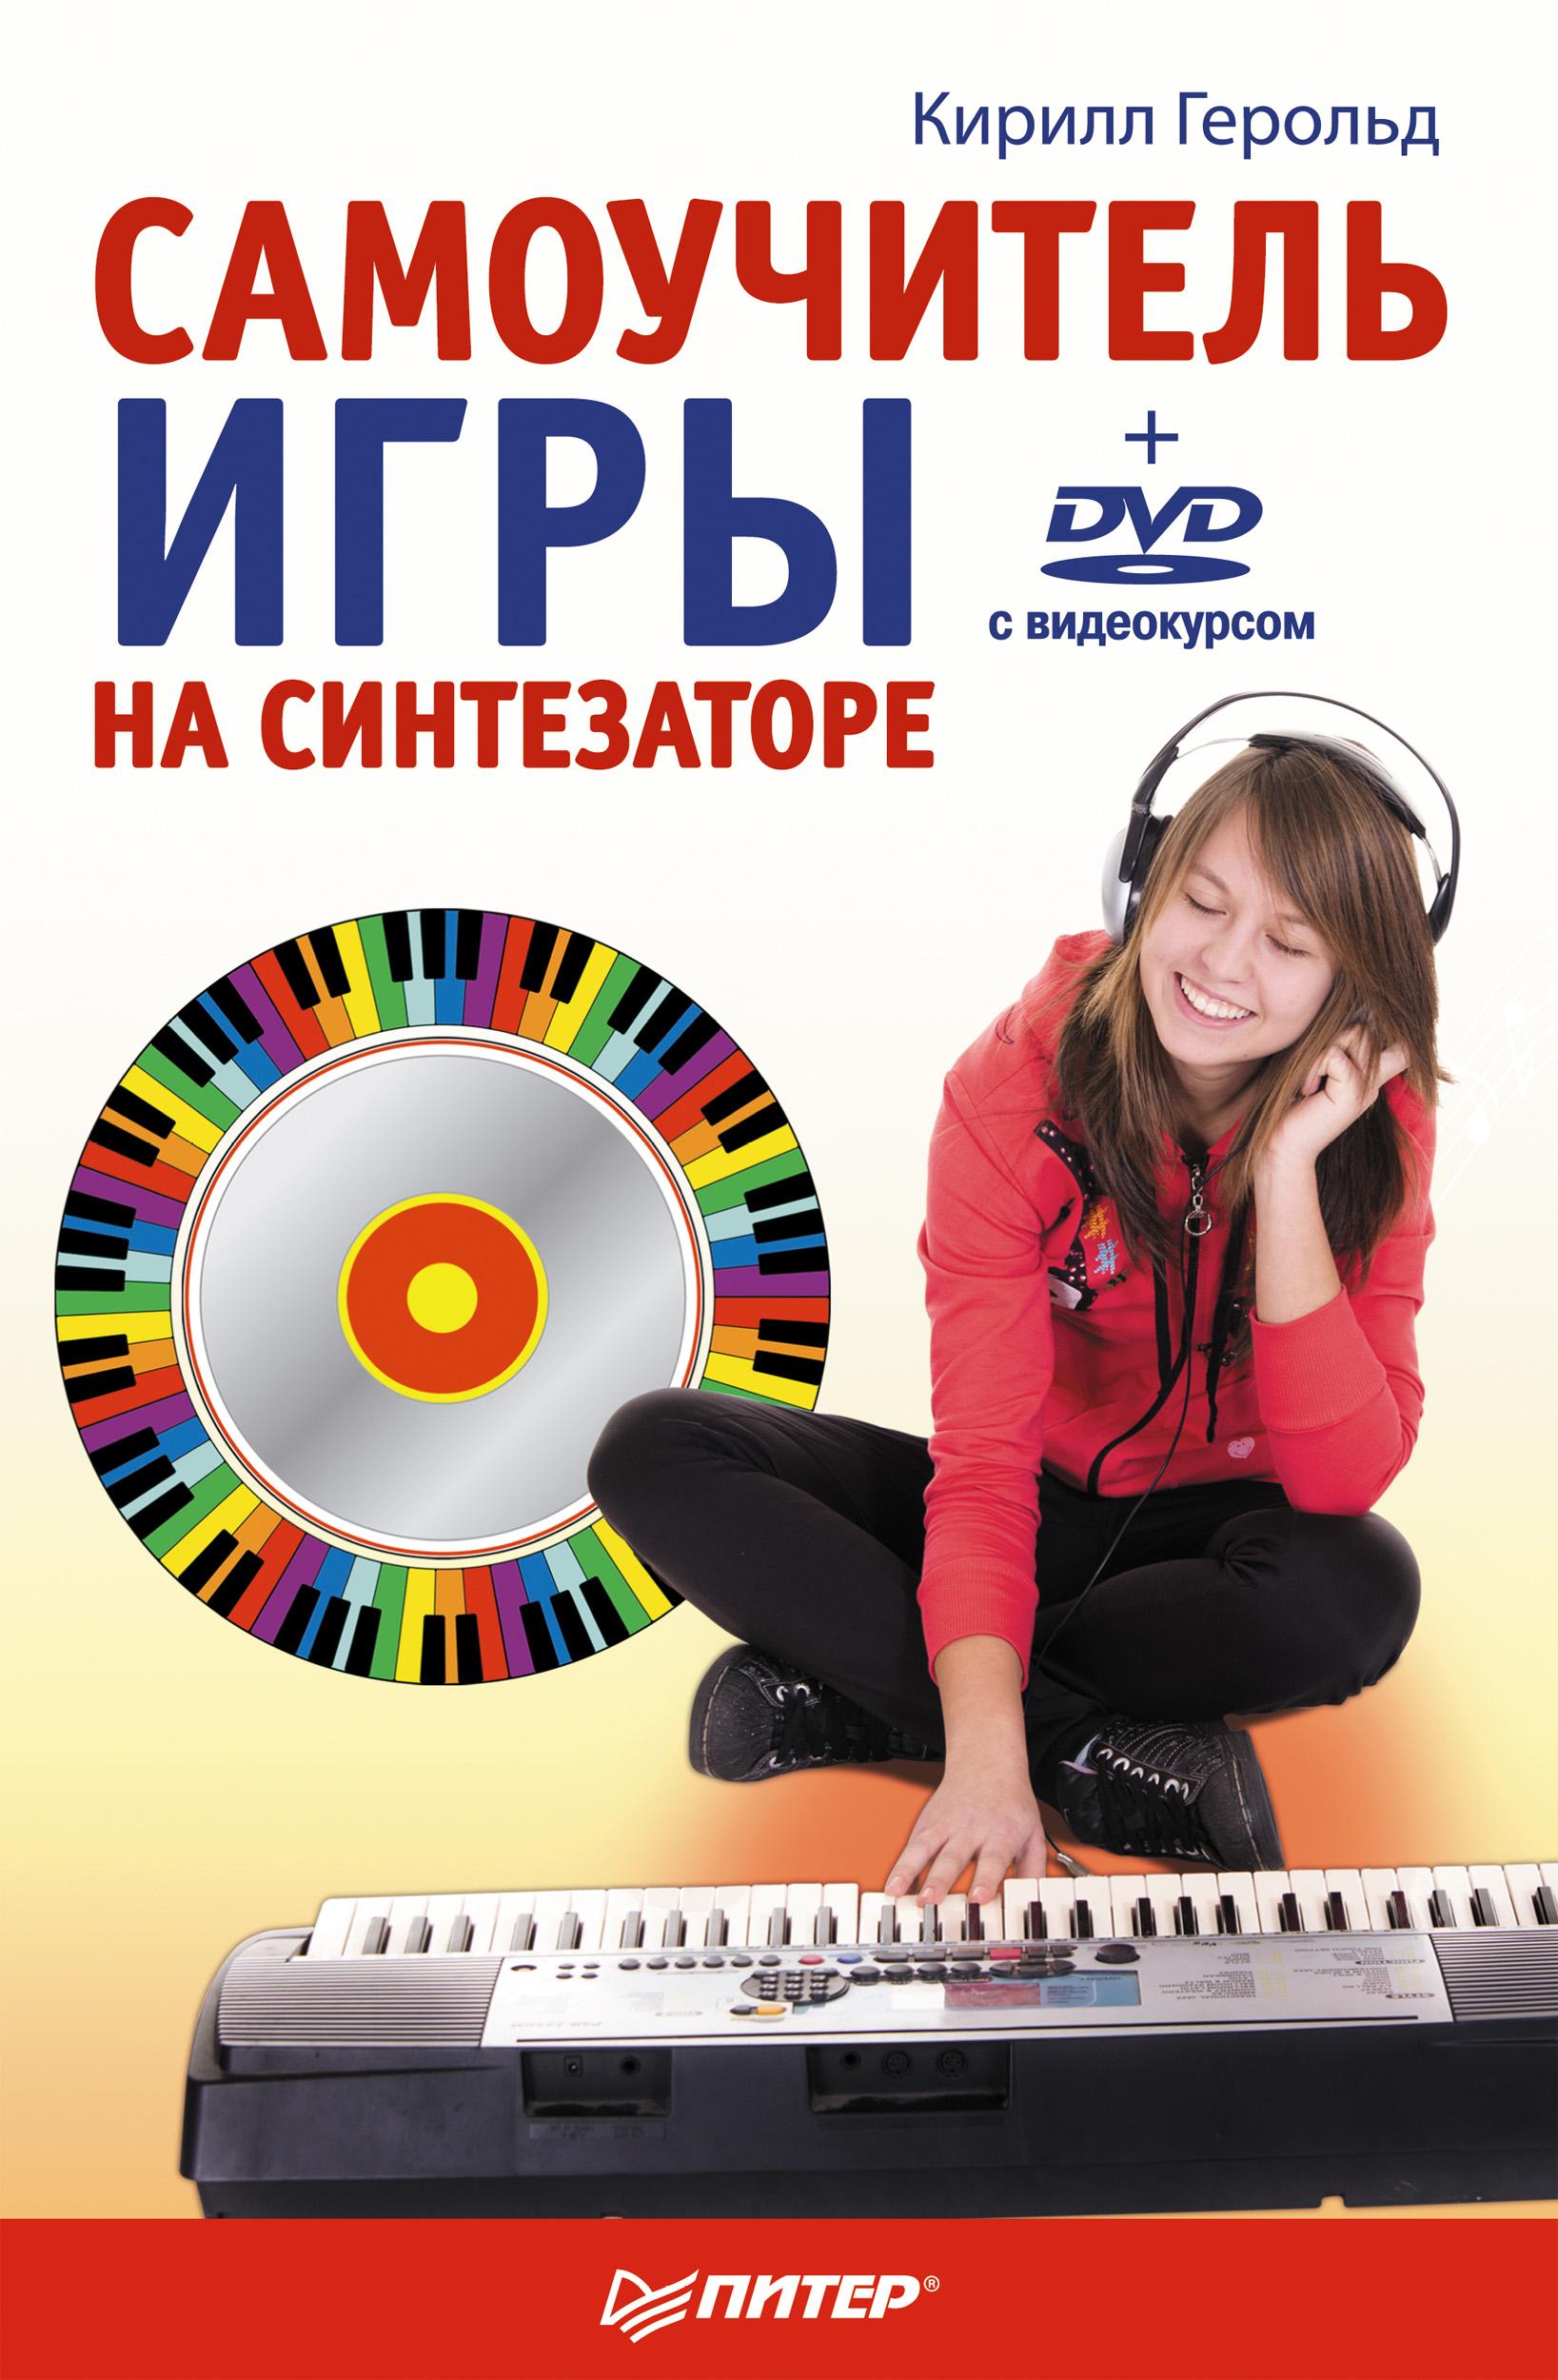 цена Кирилл Герольд Самоучитель игры на синтезаторе